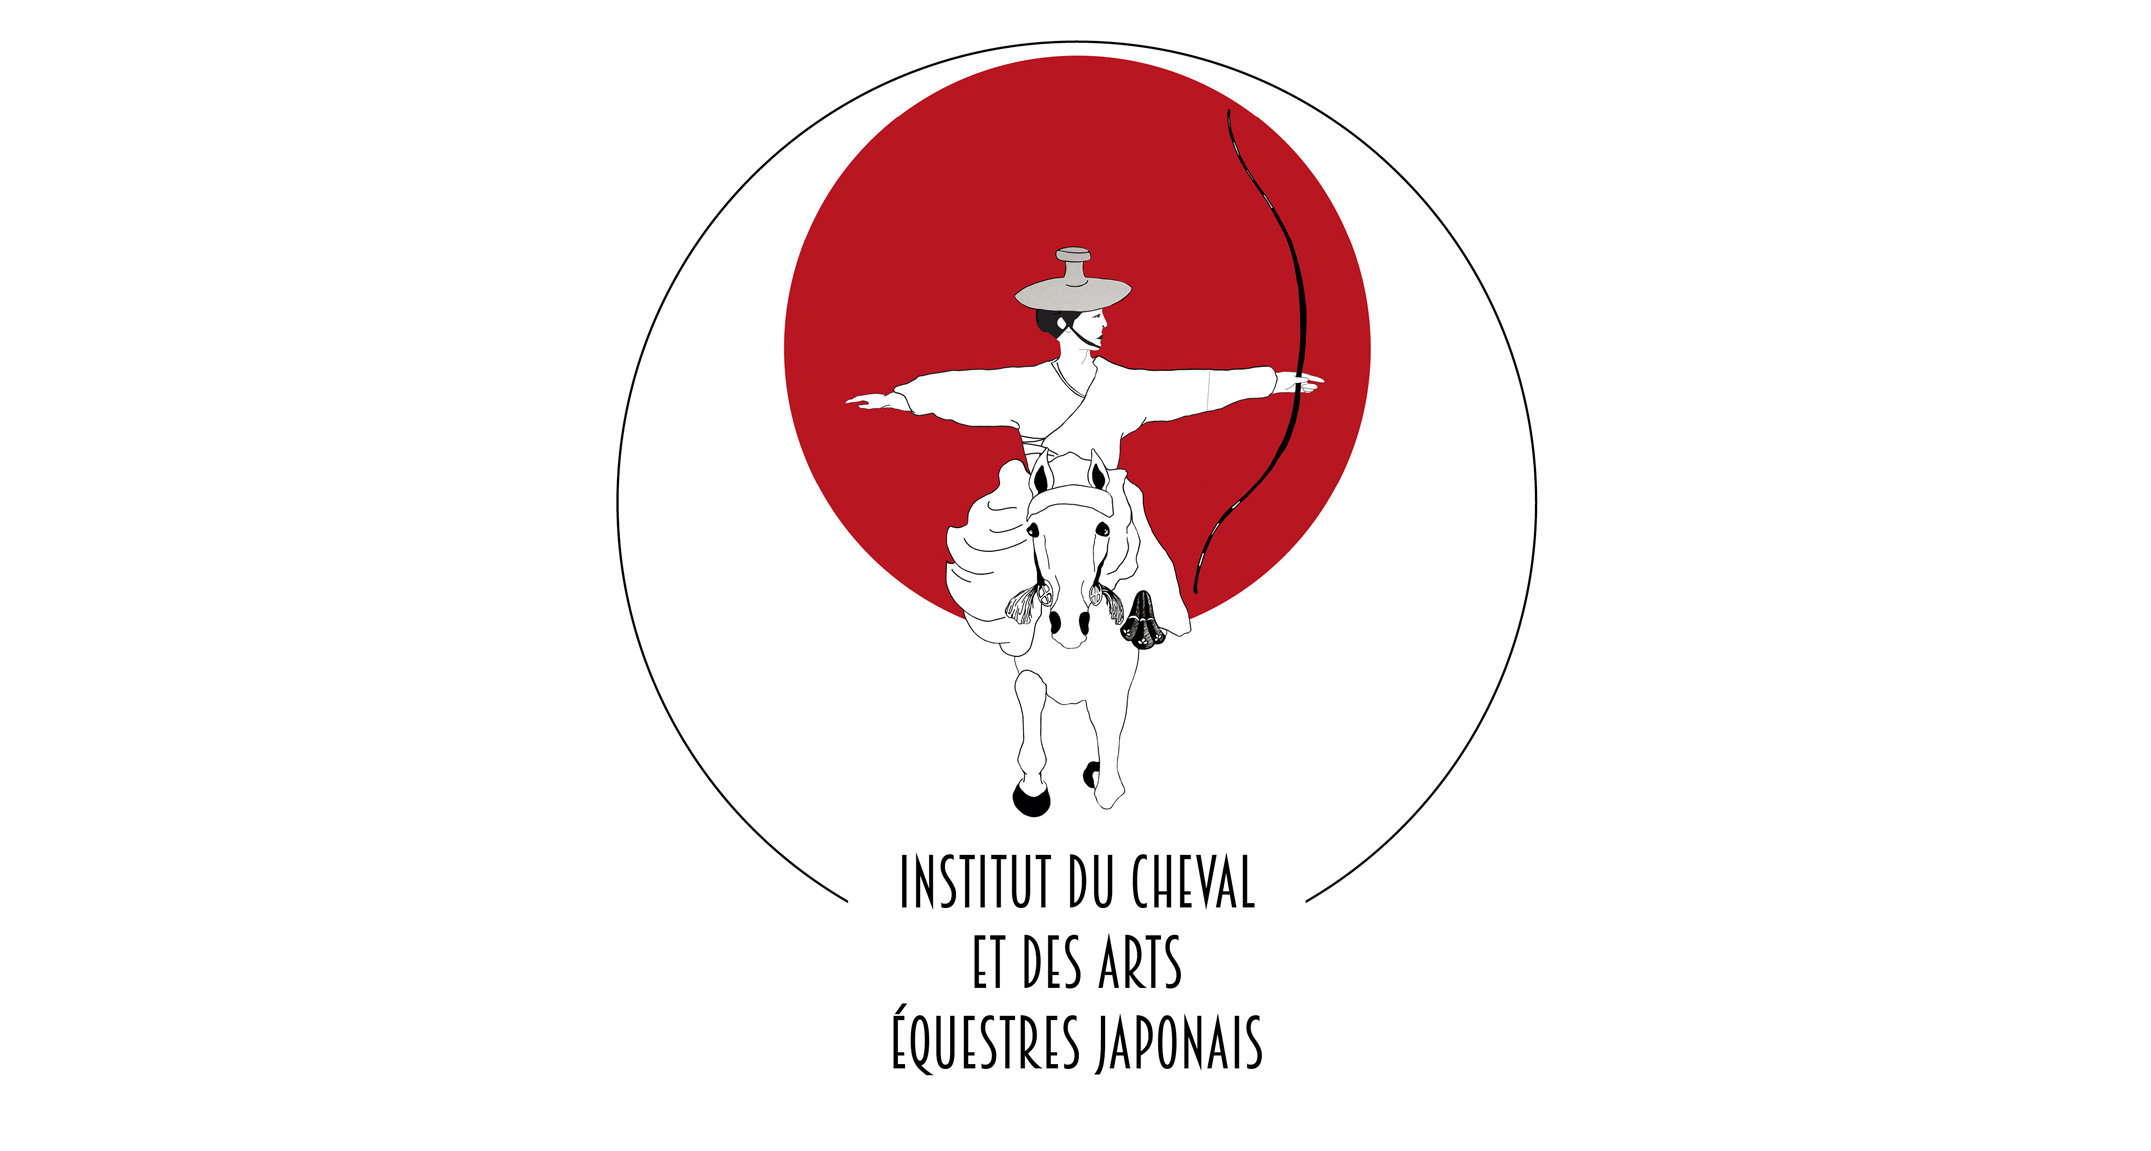 Institut du cheval et des arts équestres japonais